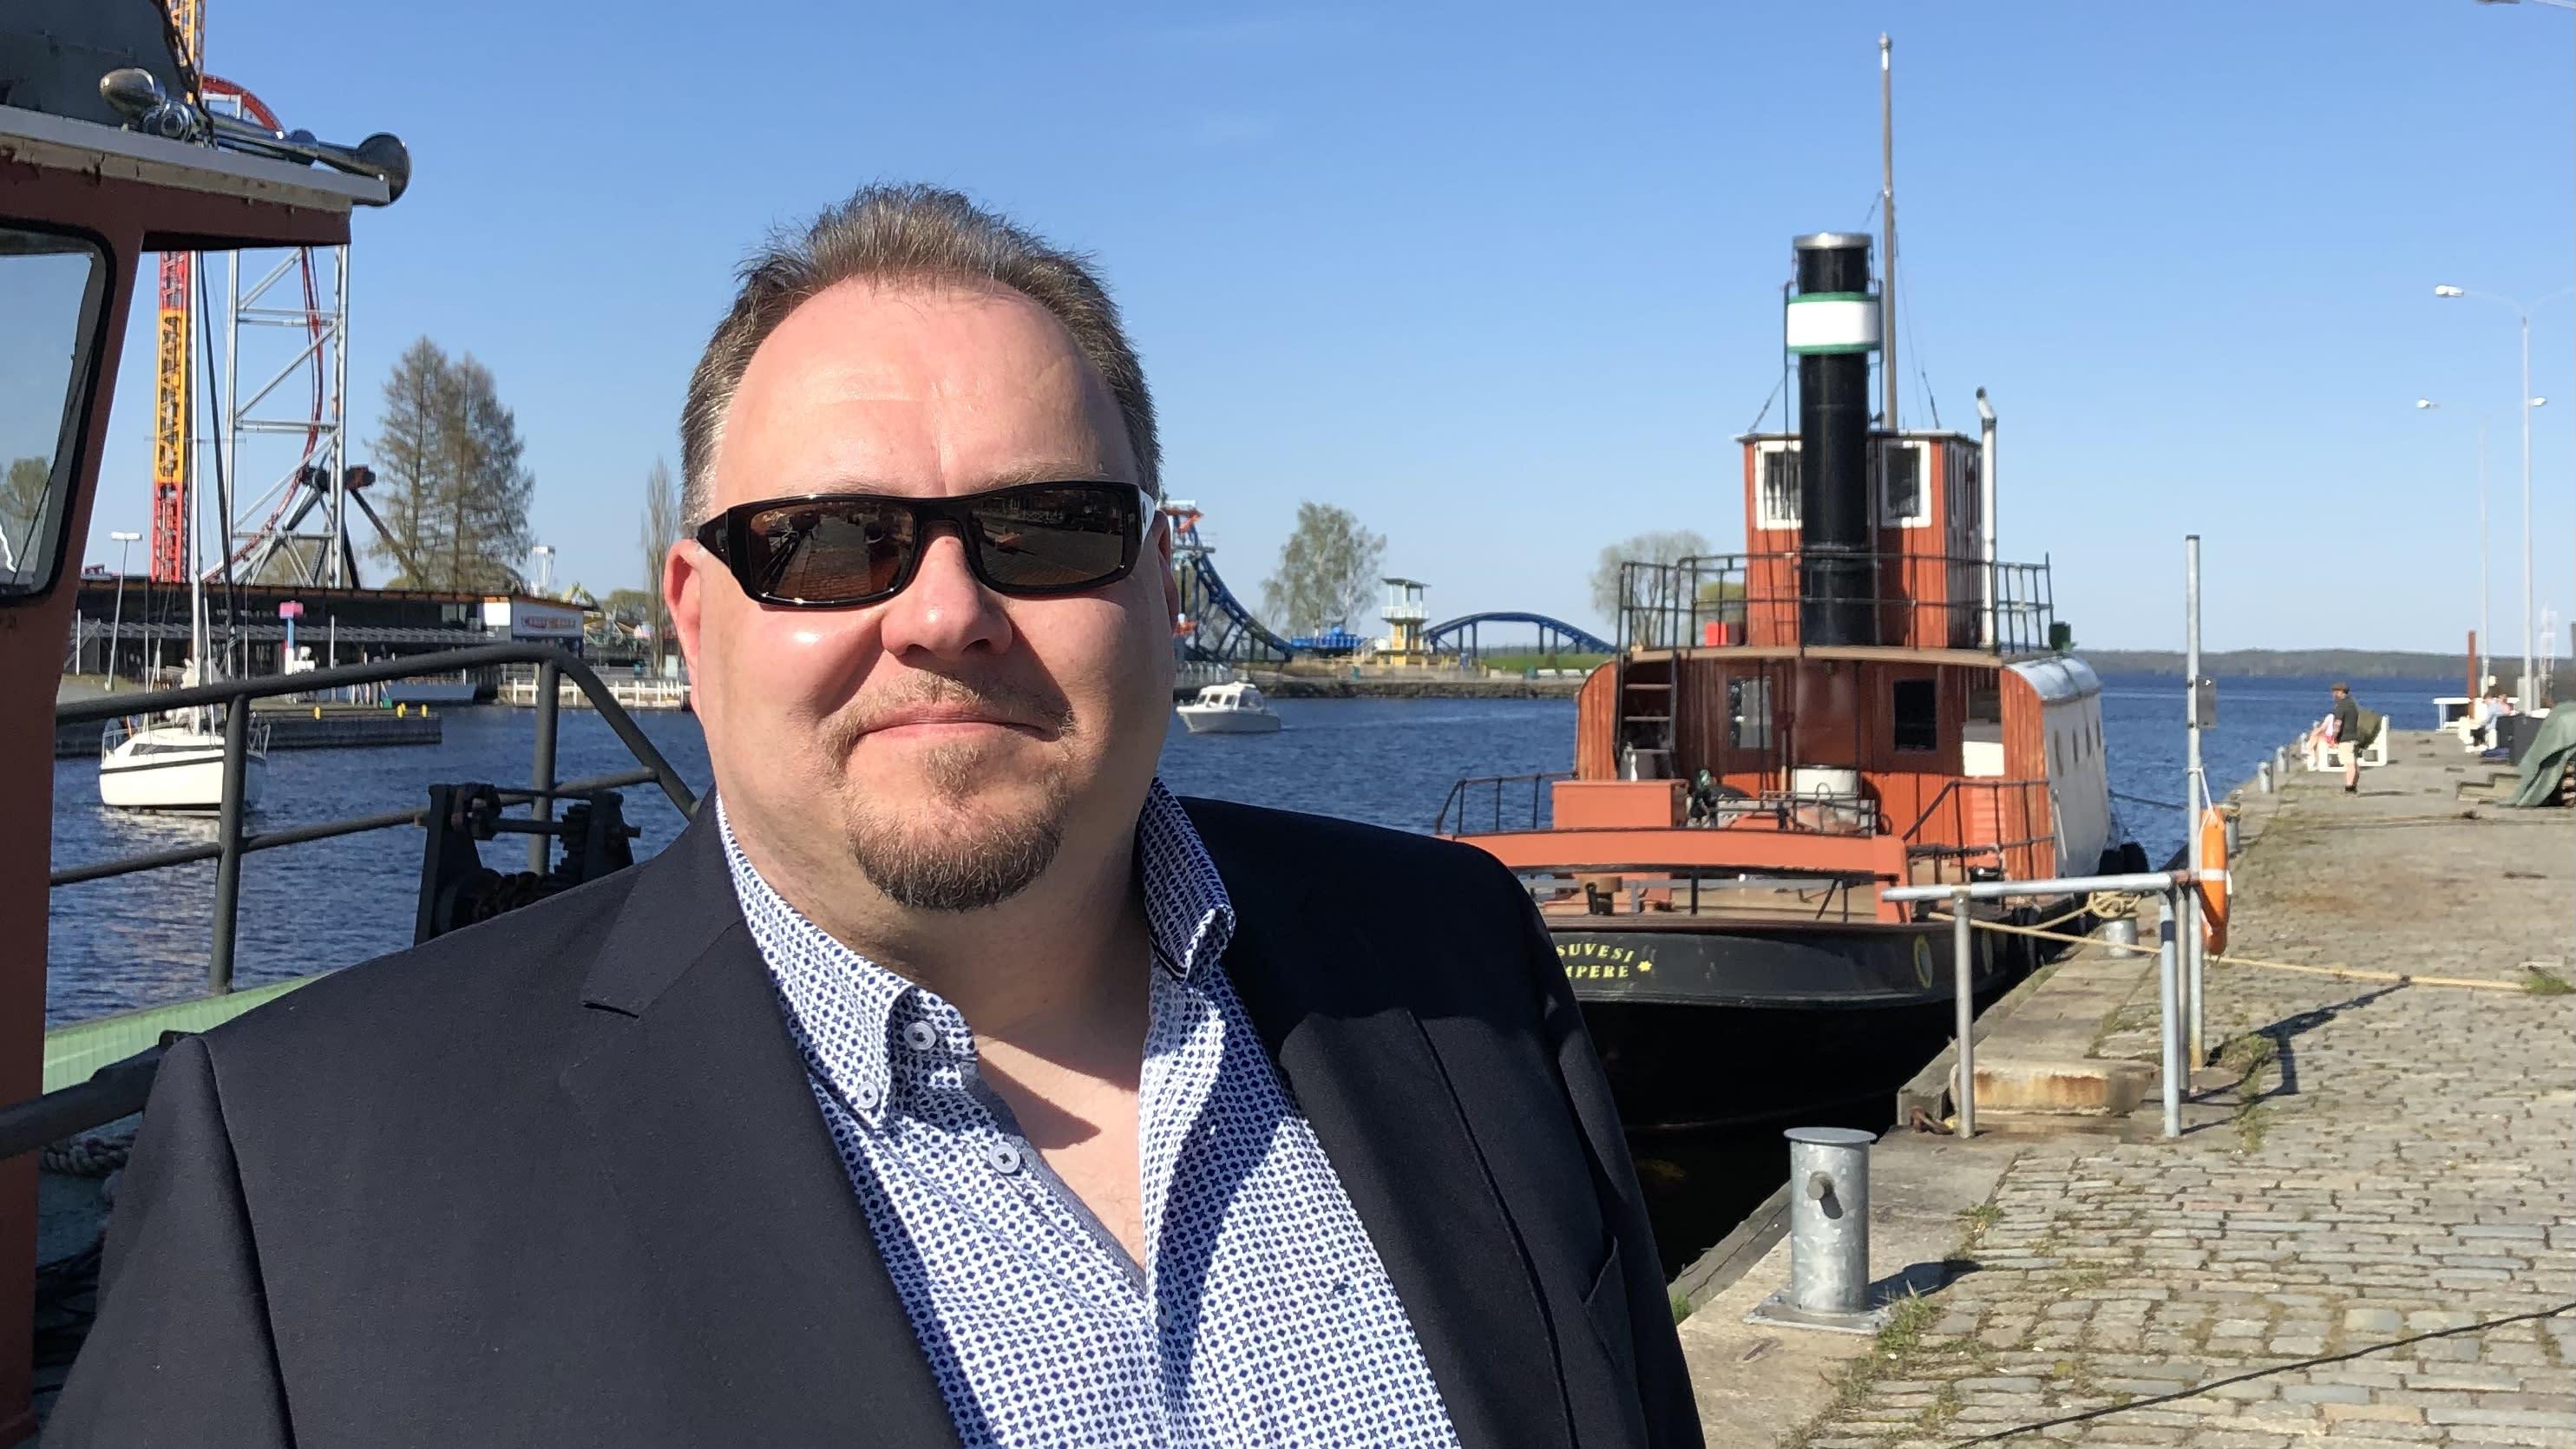 Tampereen satamavastaava Tuomas Salovaara